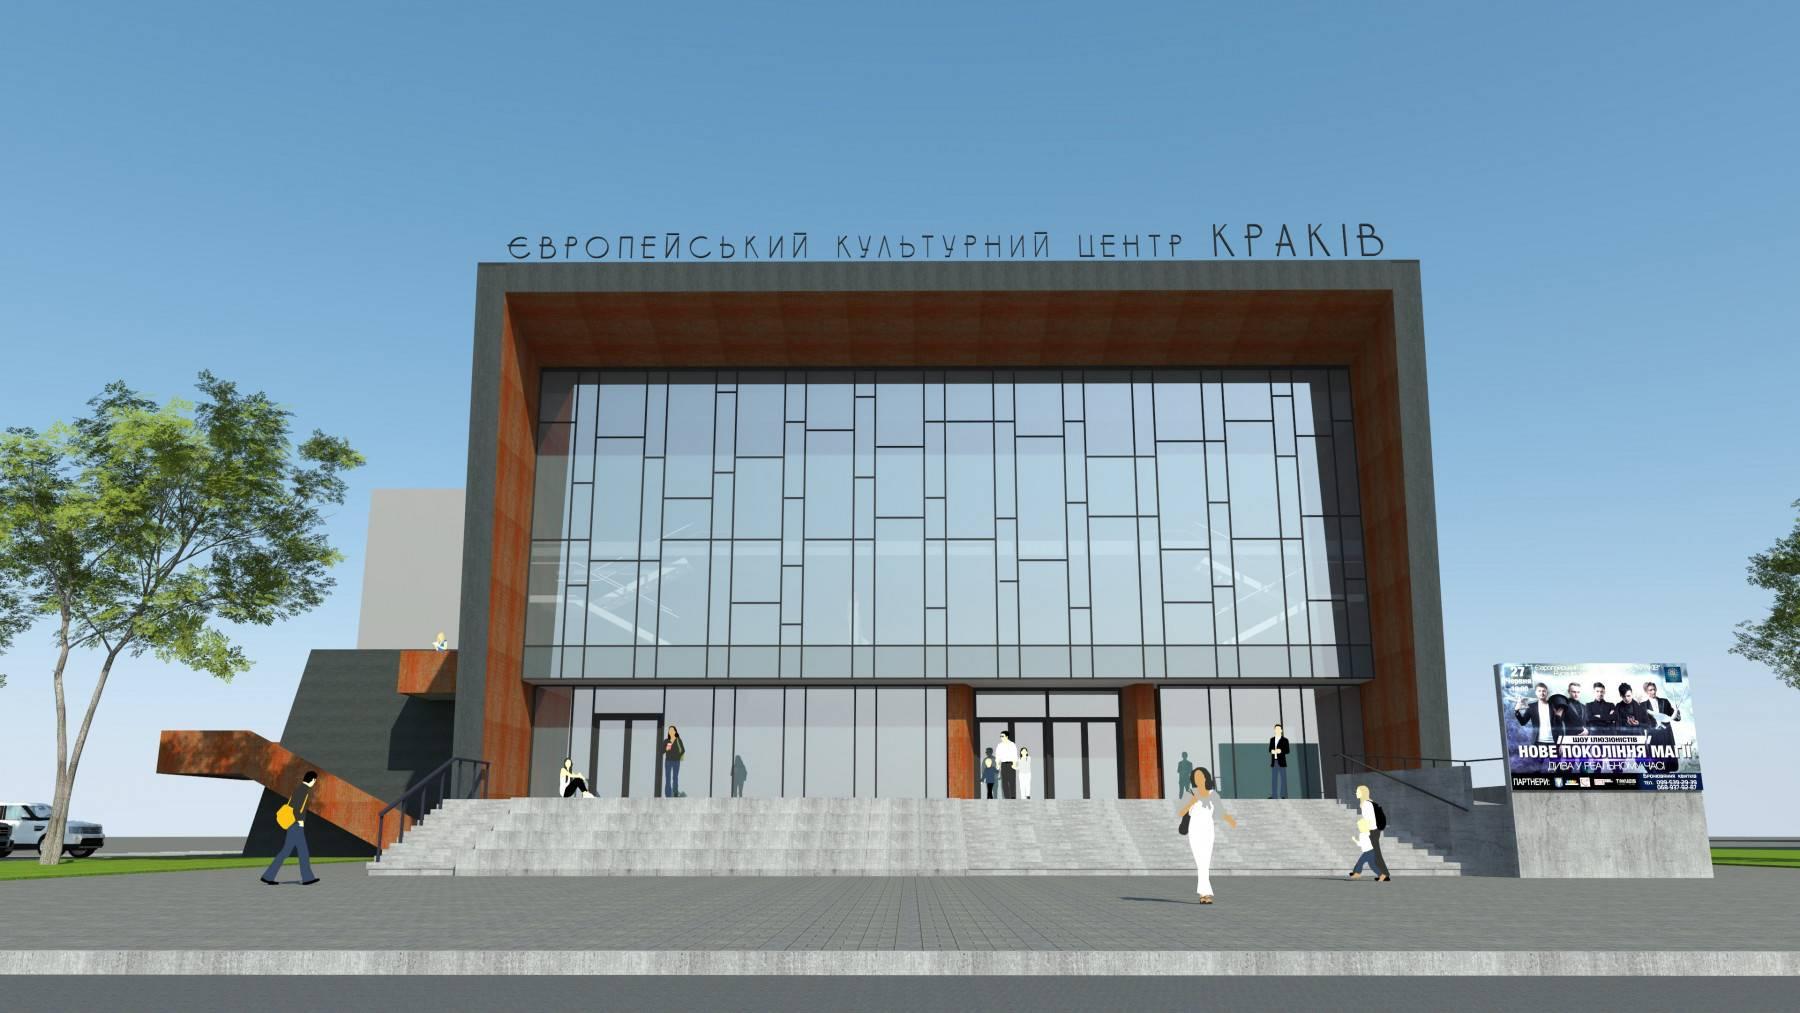 """Як буде виглядати кінотеатр """"Краків"""" після реконструкції - новини ..."""